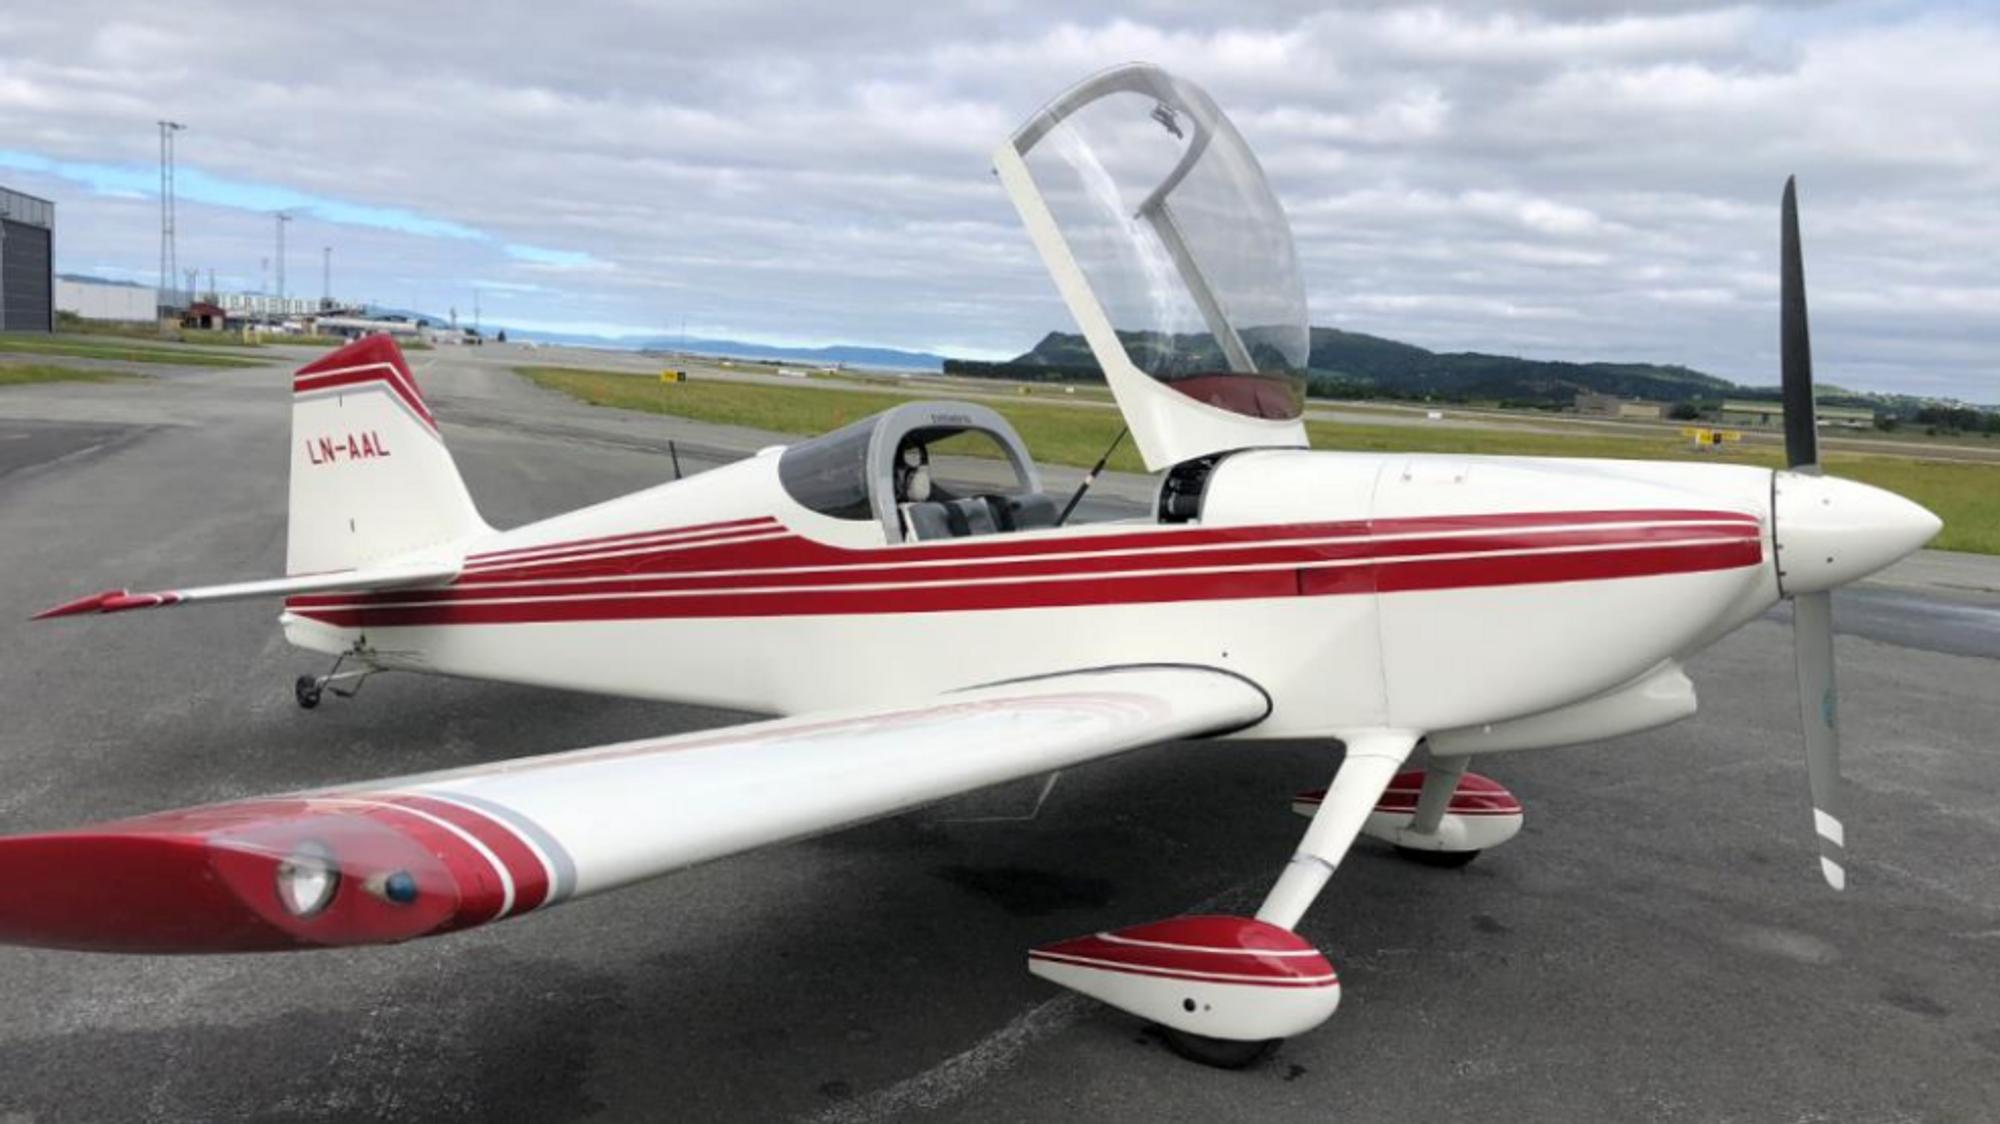 Det var dette småflyet av typen Van's RV-6 som havarerte i Meråker 7. november 2018.